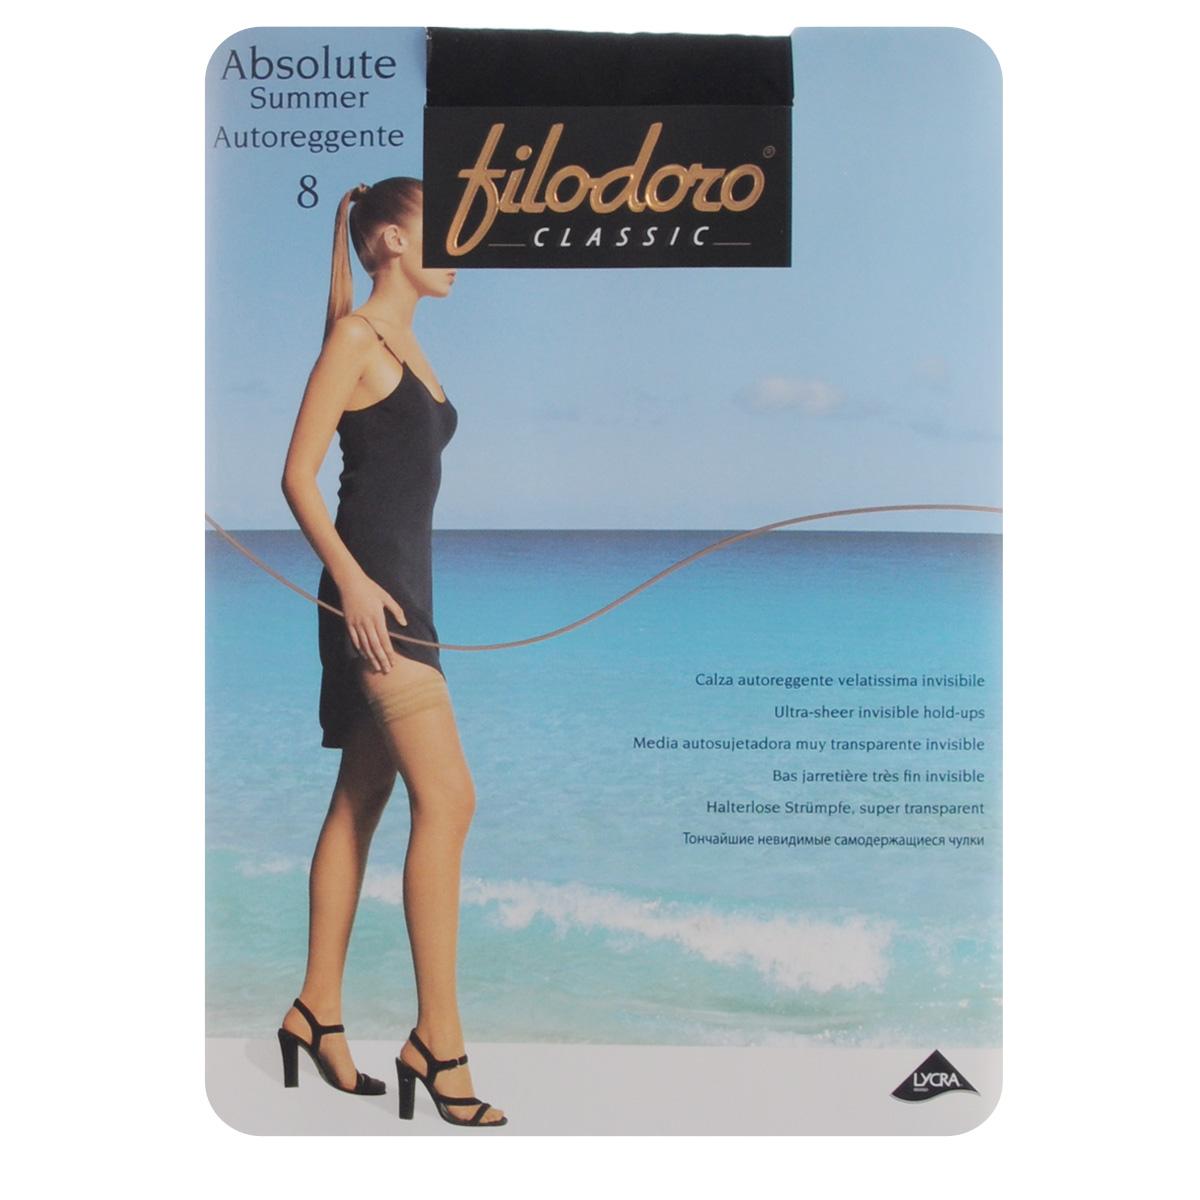 Чулки Filodoro Classic Absolute Summer 8 Autoreggente, цвет: Nero (черный). C109801FC. Размер 4 (L) колготки filodoro ninfa размер 2 плотность 40 den vita bassa playa